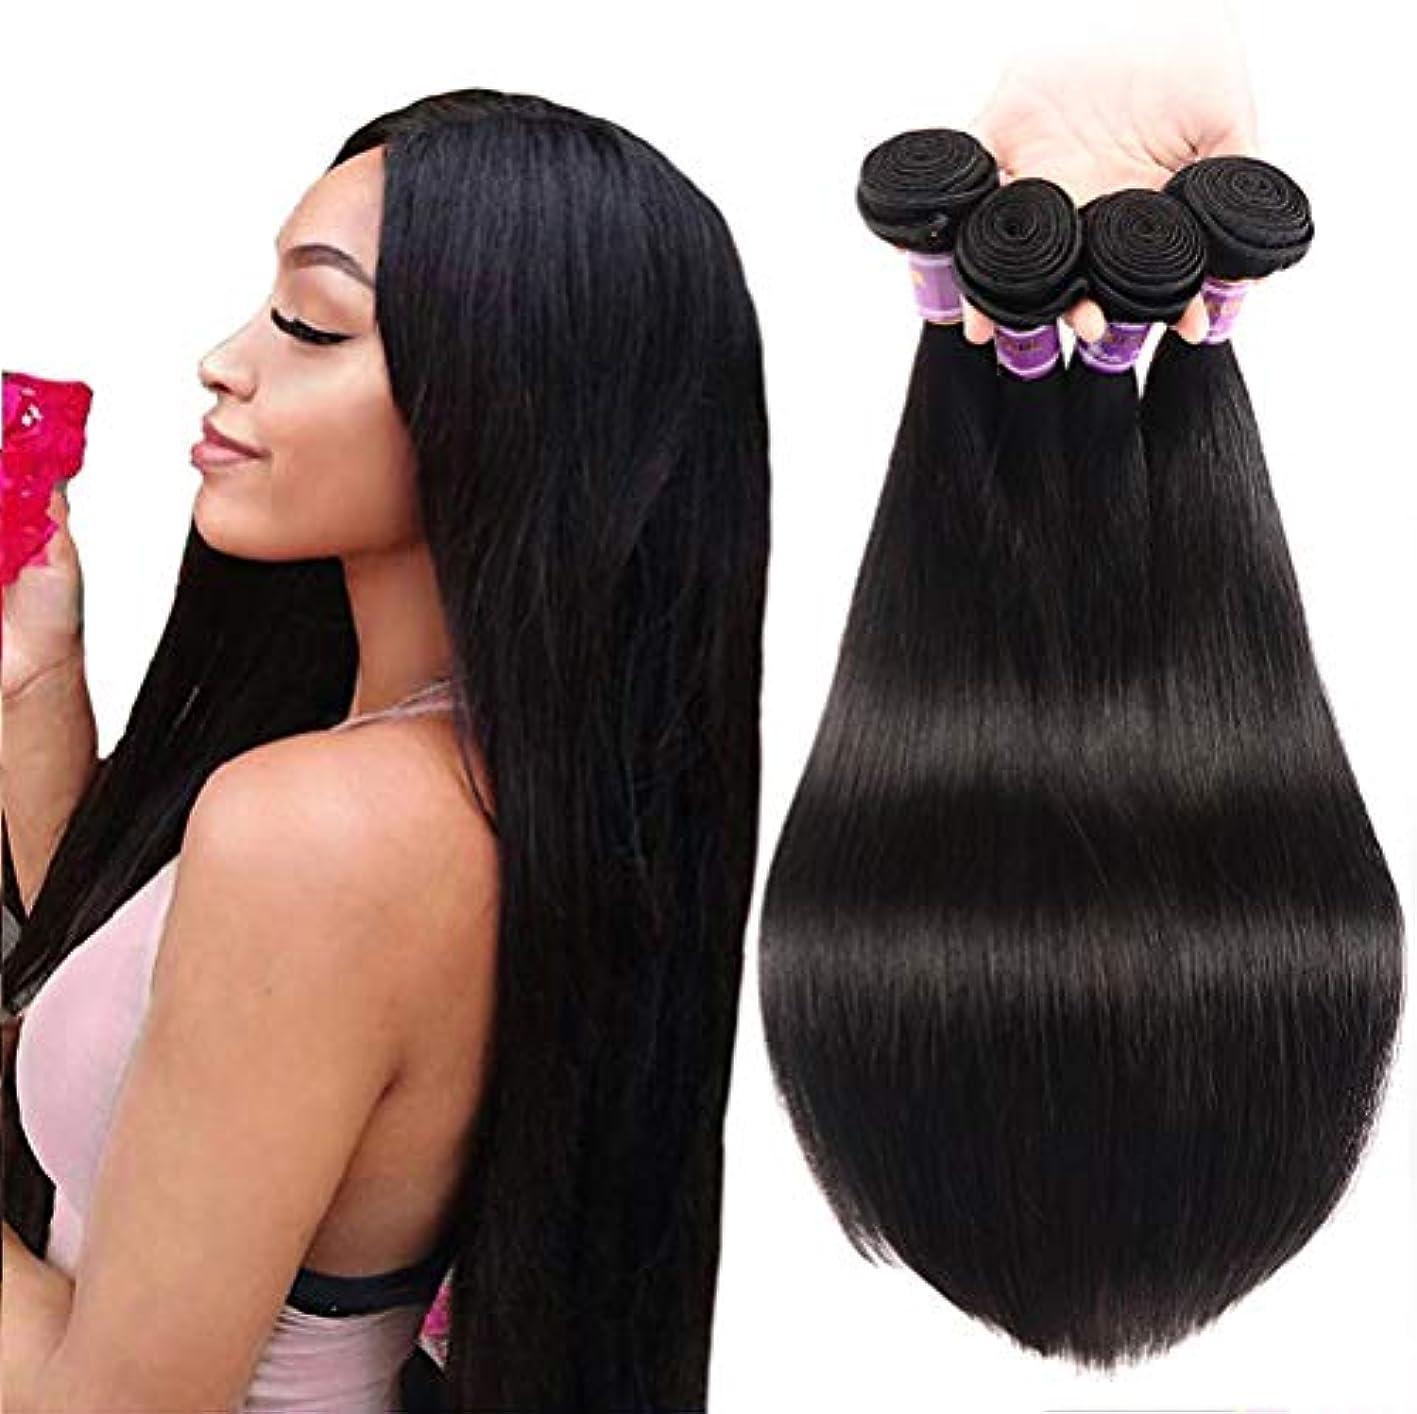 懐疑的特徴づけるビジネス150%密度8aブラジルバージン人間の髪の毛1バンドルストレートウェーブ横糸100%本物の人間の髪の毛を編む女性の髪